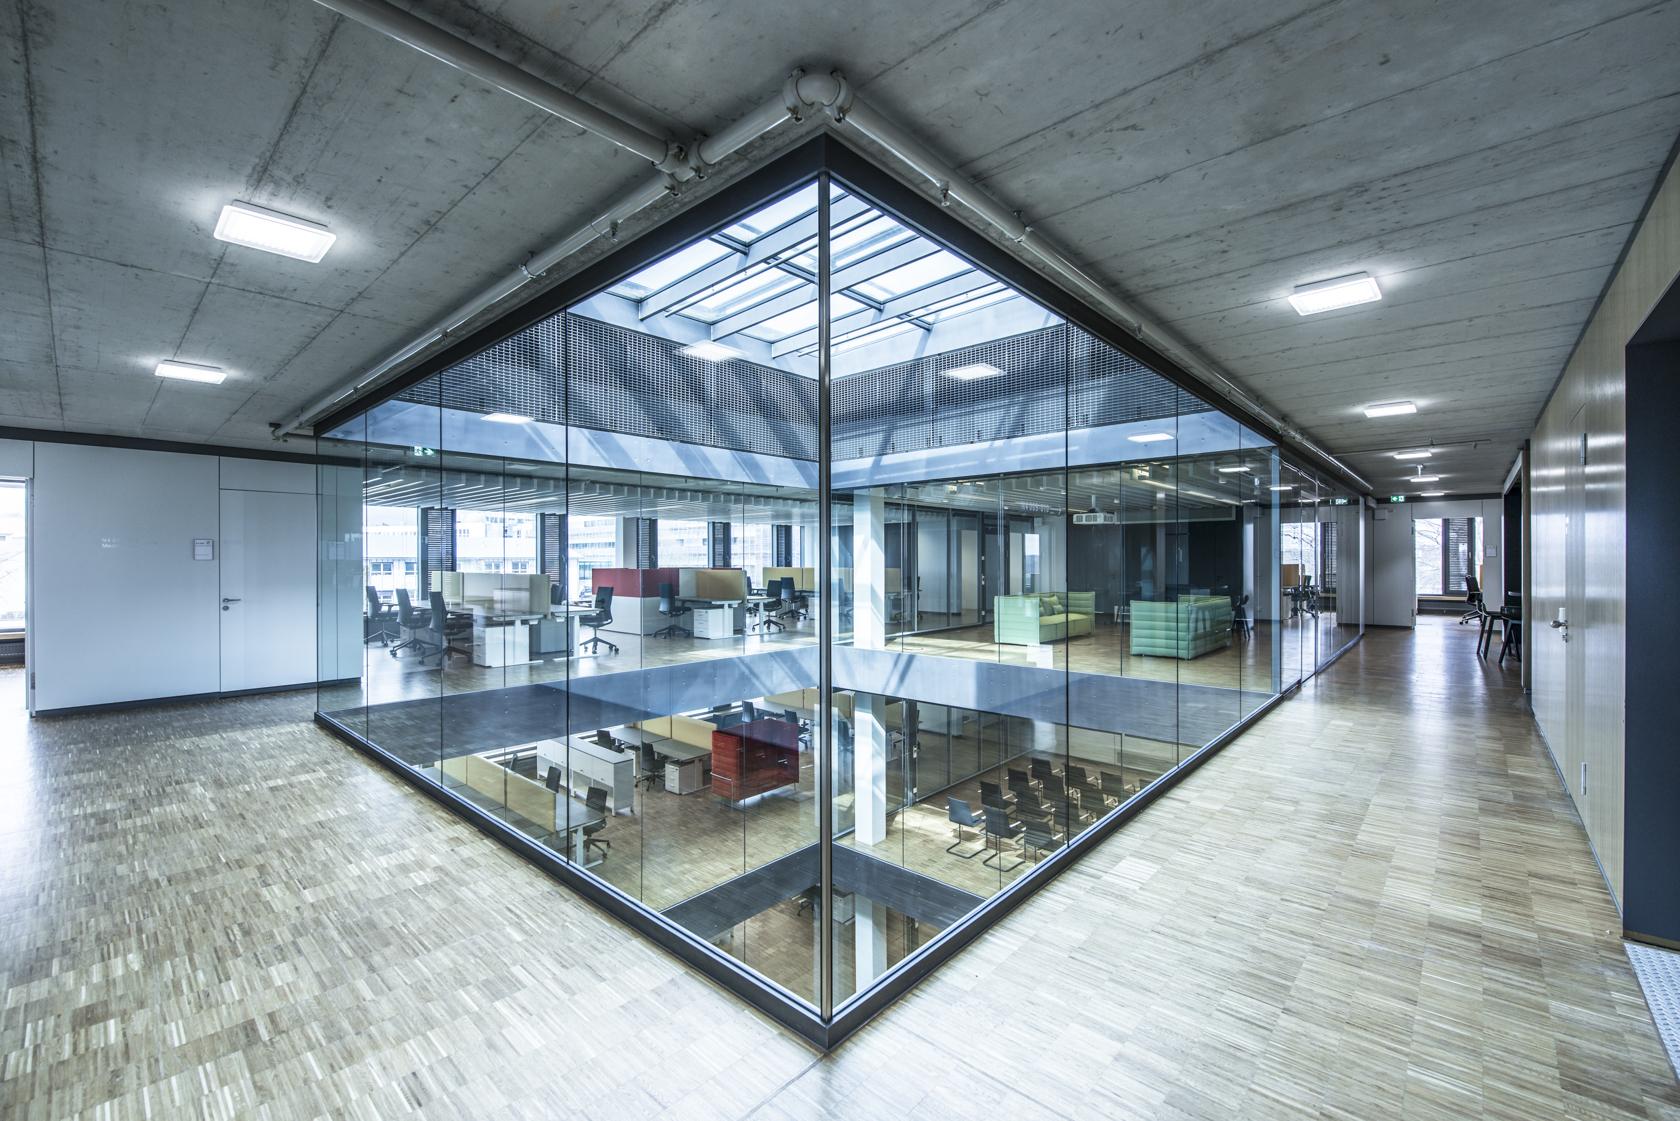 Max-Planck-Institut Für Intelligente Systeme (MPI IS) In Tübingen 4 - ArGe Architekten